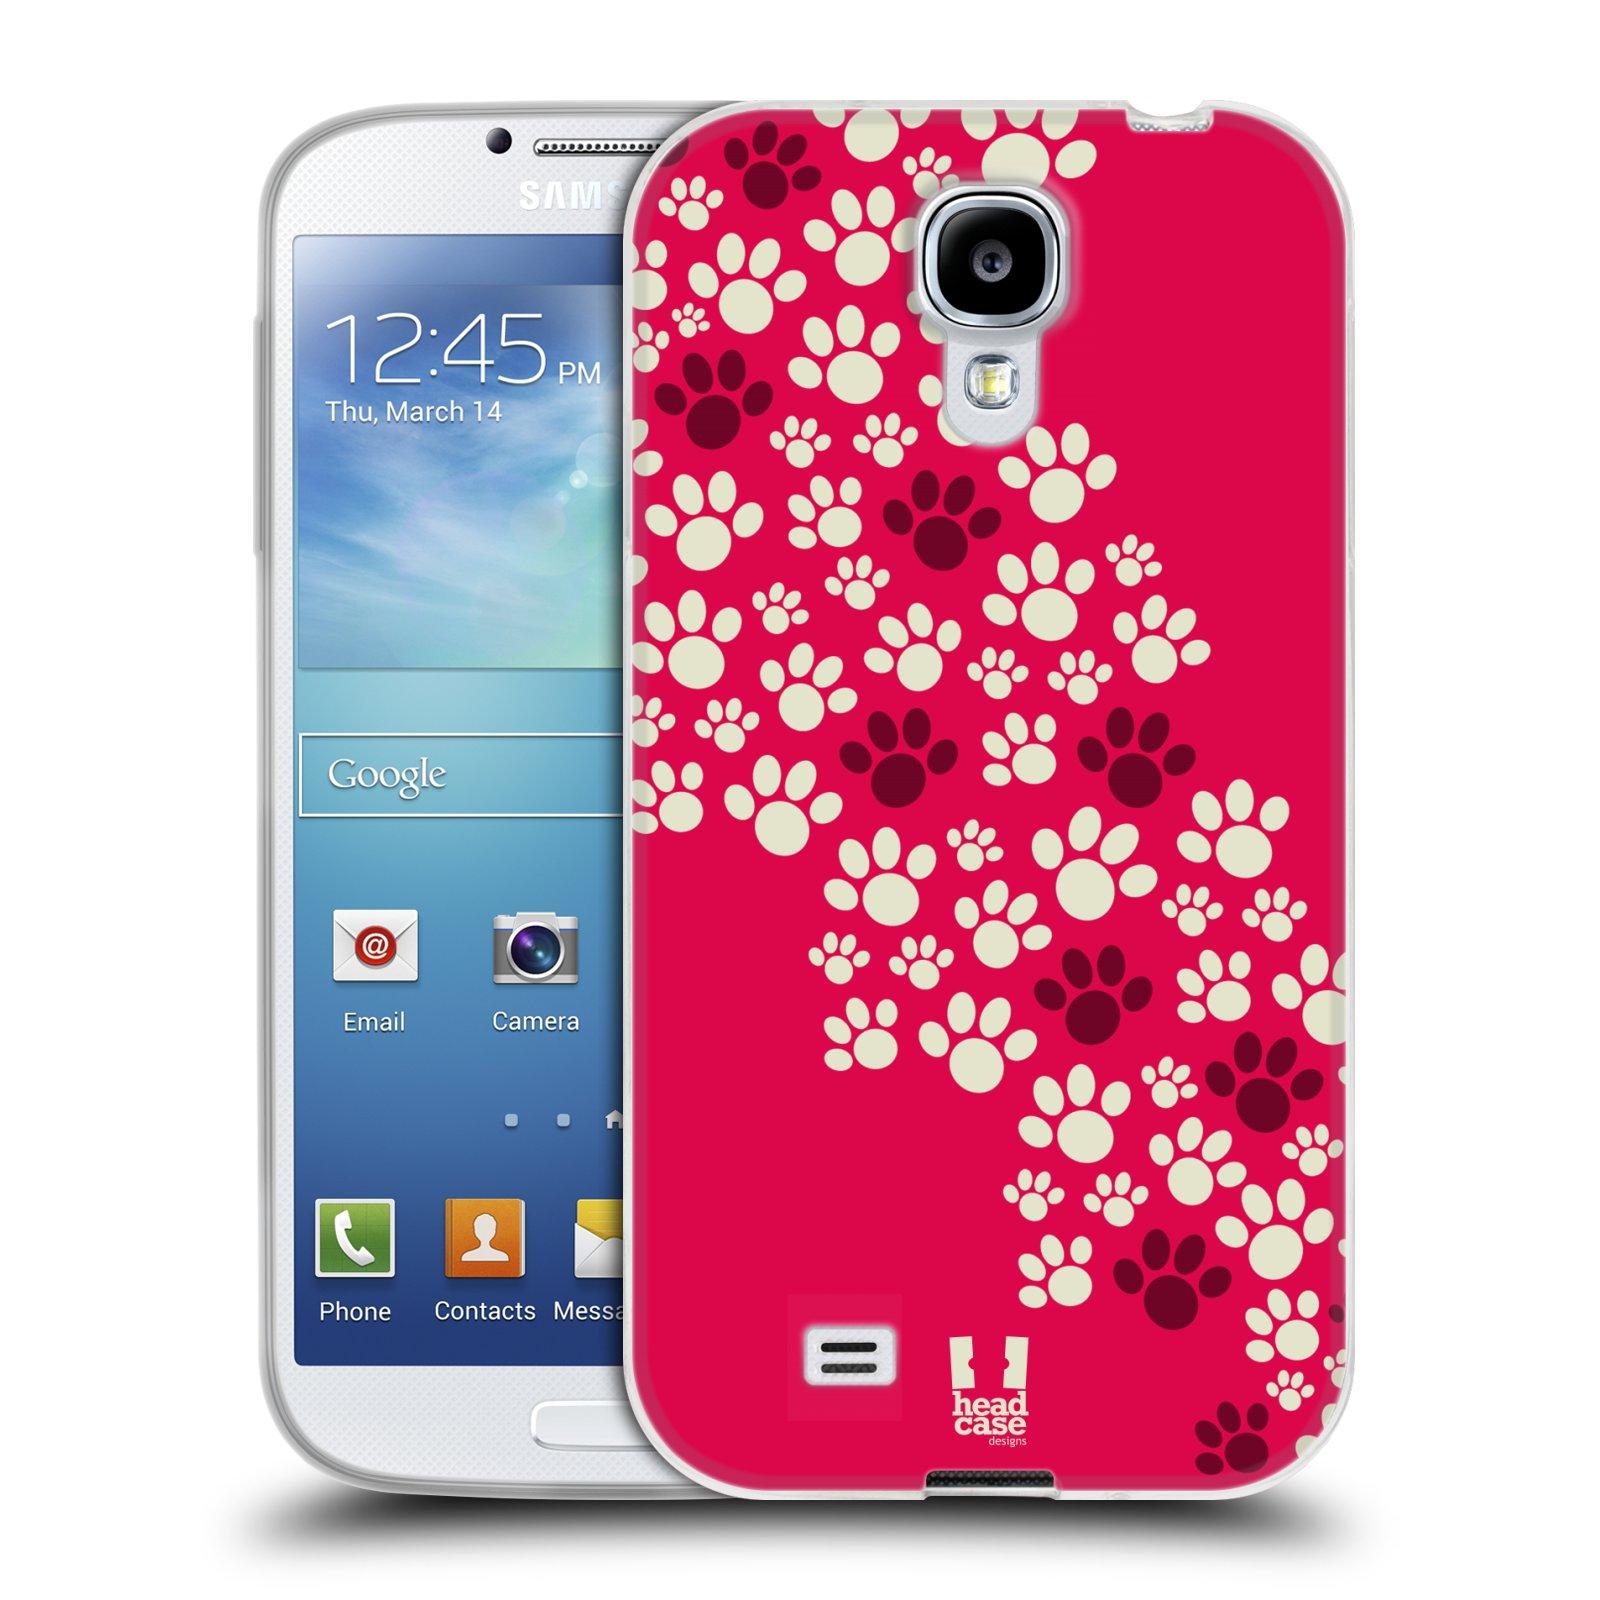 Silikonové pouzdro na mobil Samsung Galaxy S4 HEAD CASE TLAPKY RŮŽOVÉ (Silikonový kryt či obal na mobilní telefon Samsung Galaxy S4 GT-i9505 / i9500)